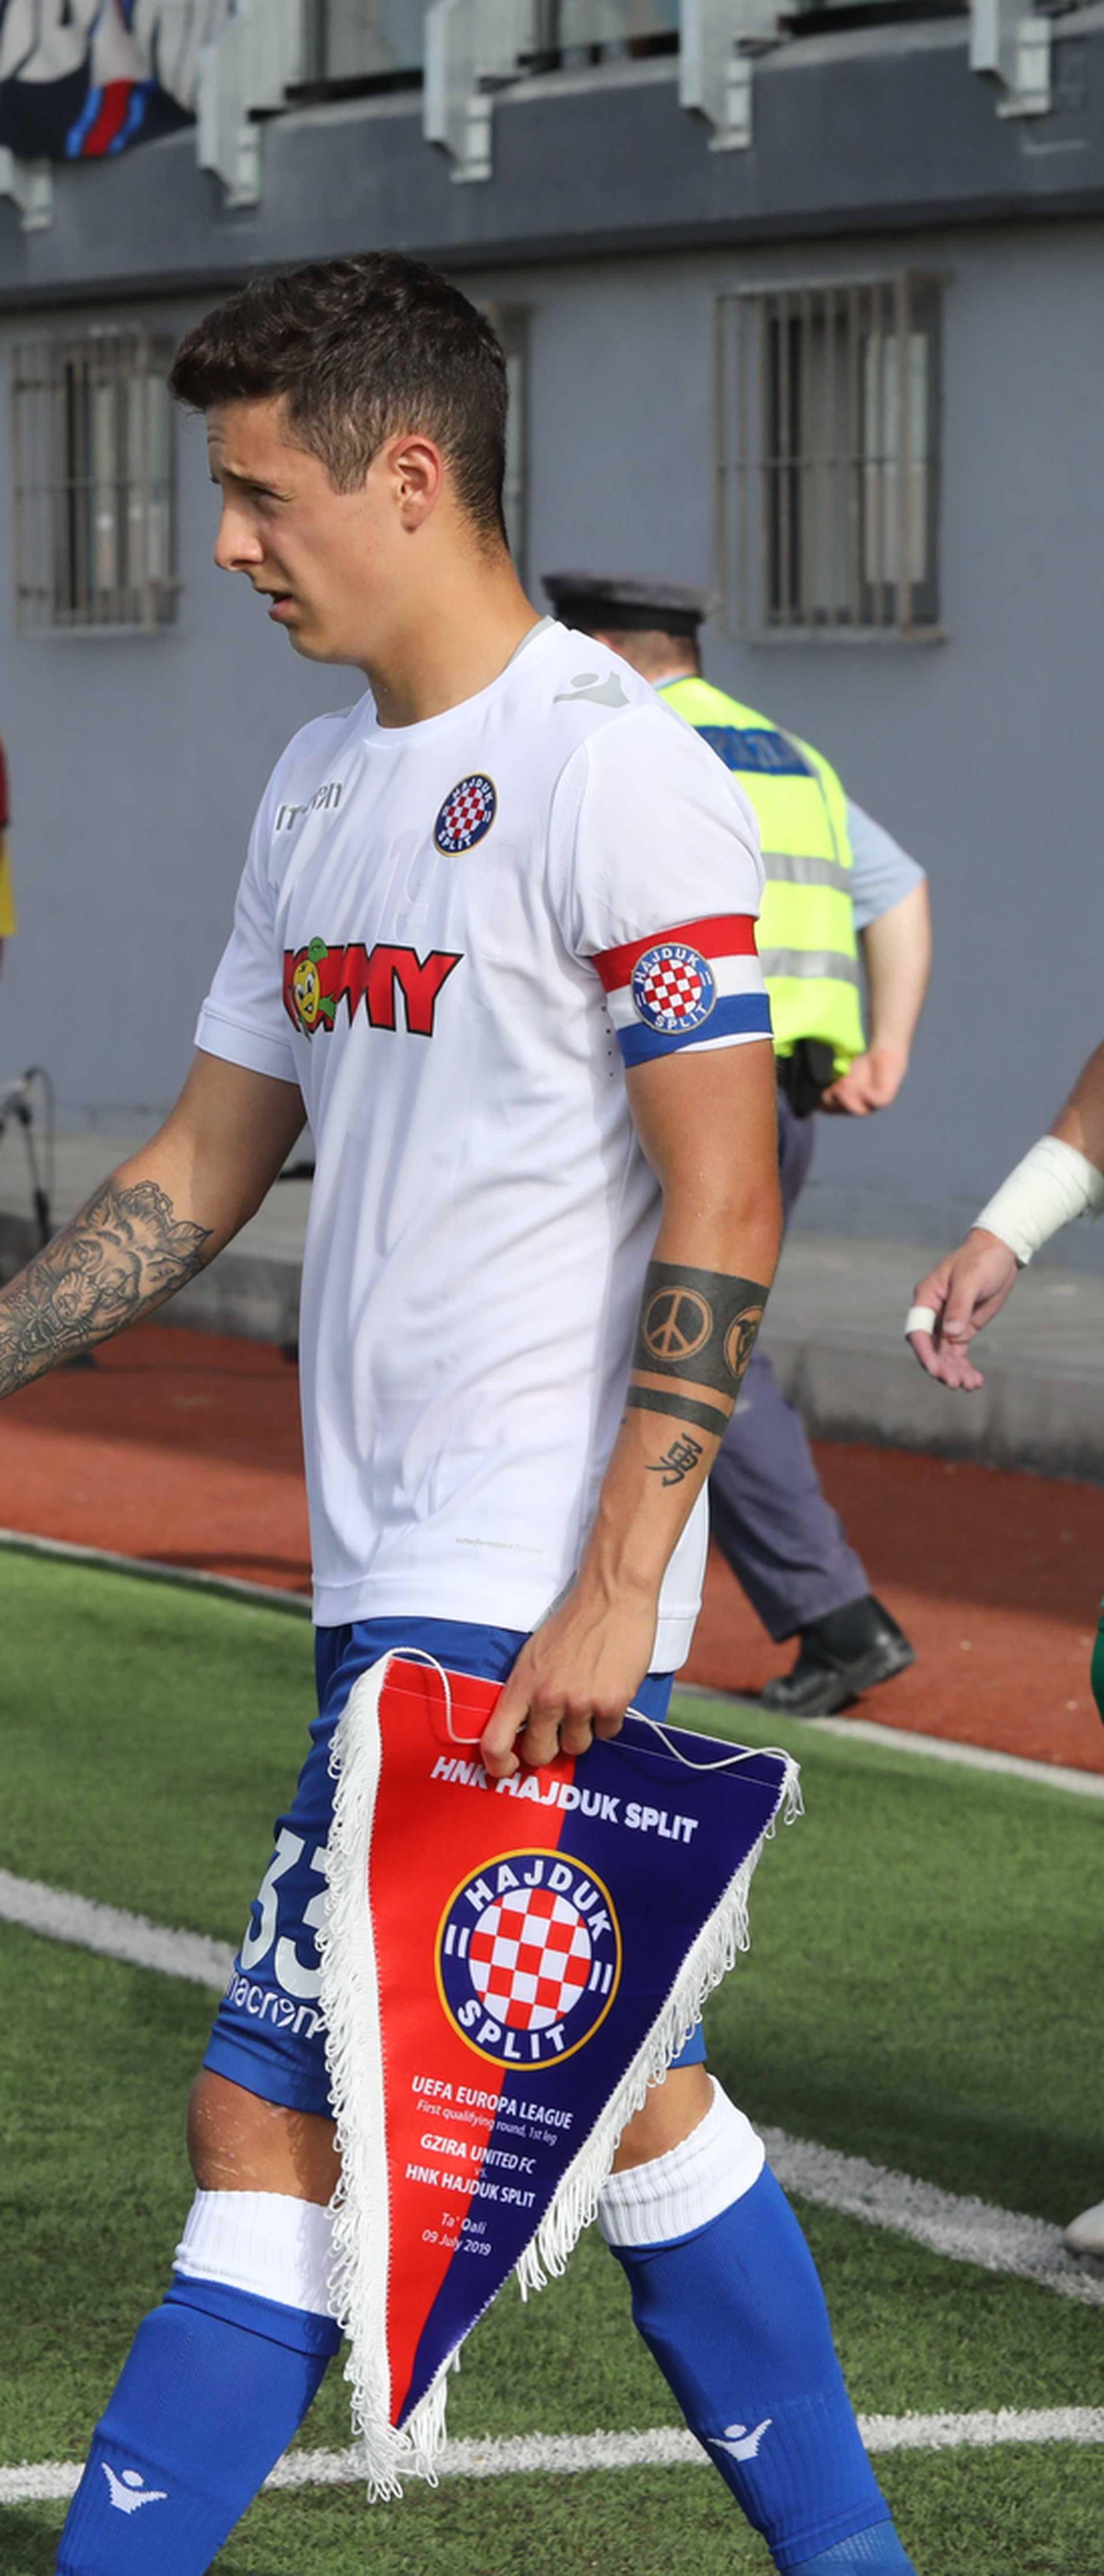 Većinu problema Hajduk je riješio, ali nedostaju pojačanja